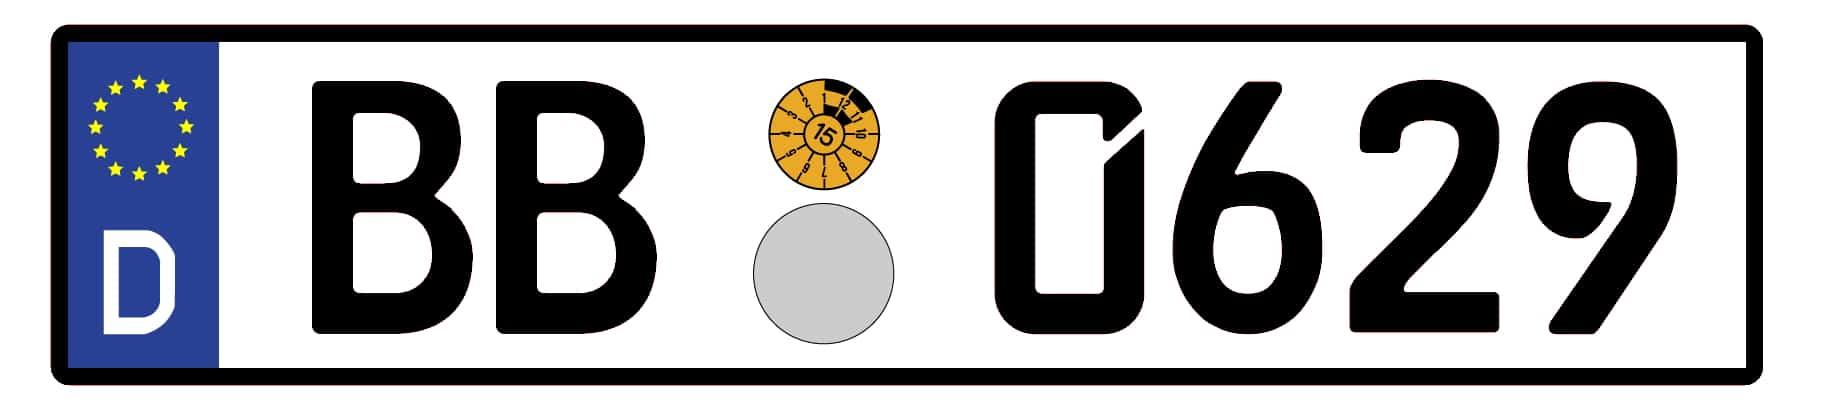 EU-Kennzeichen